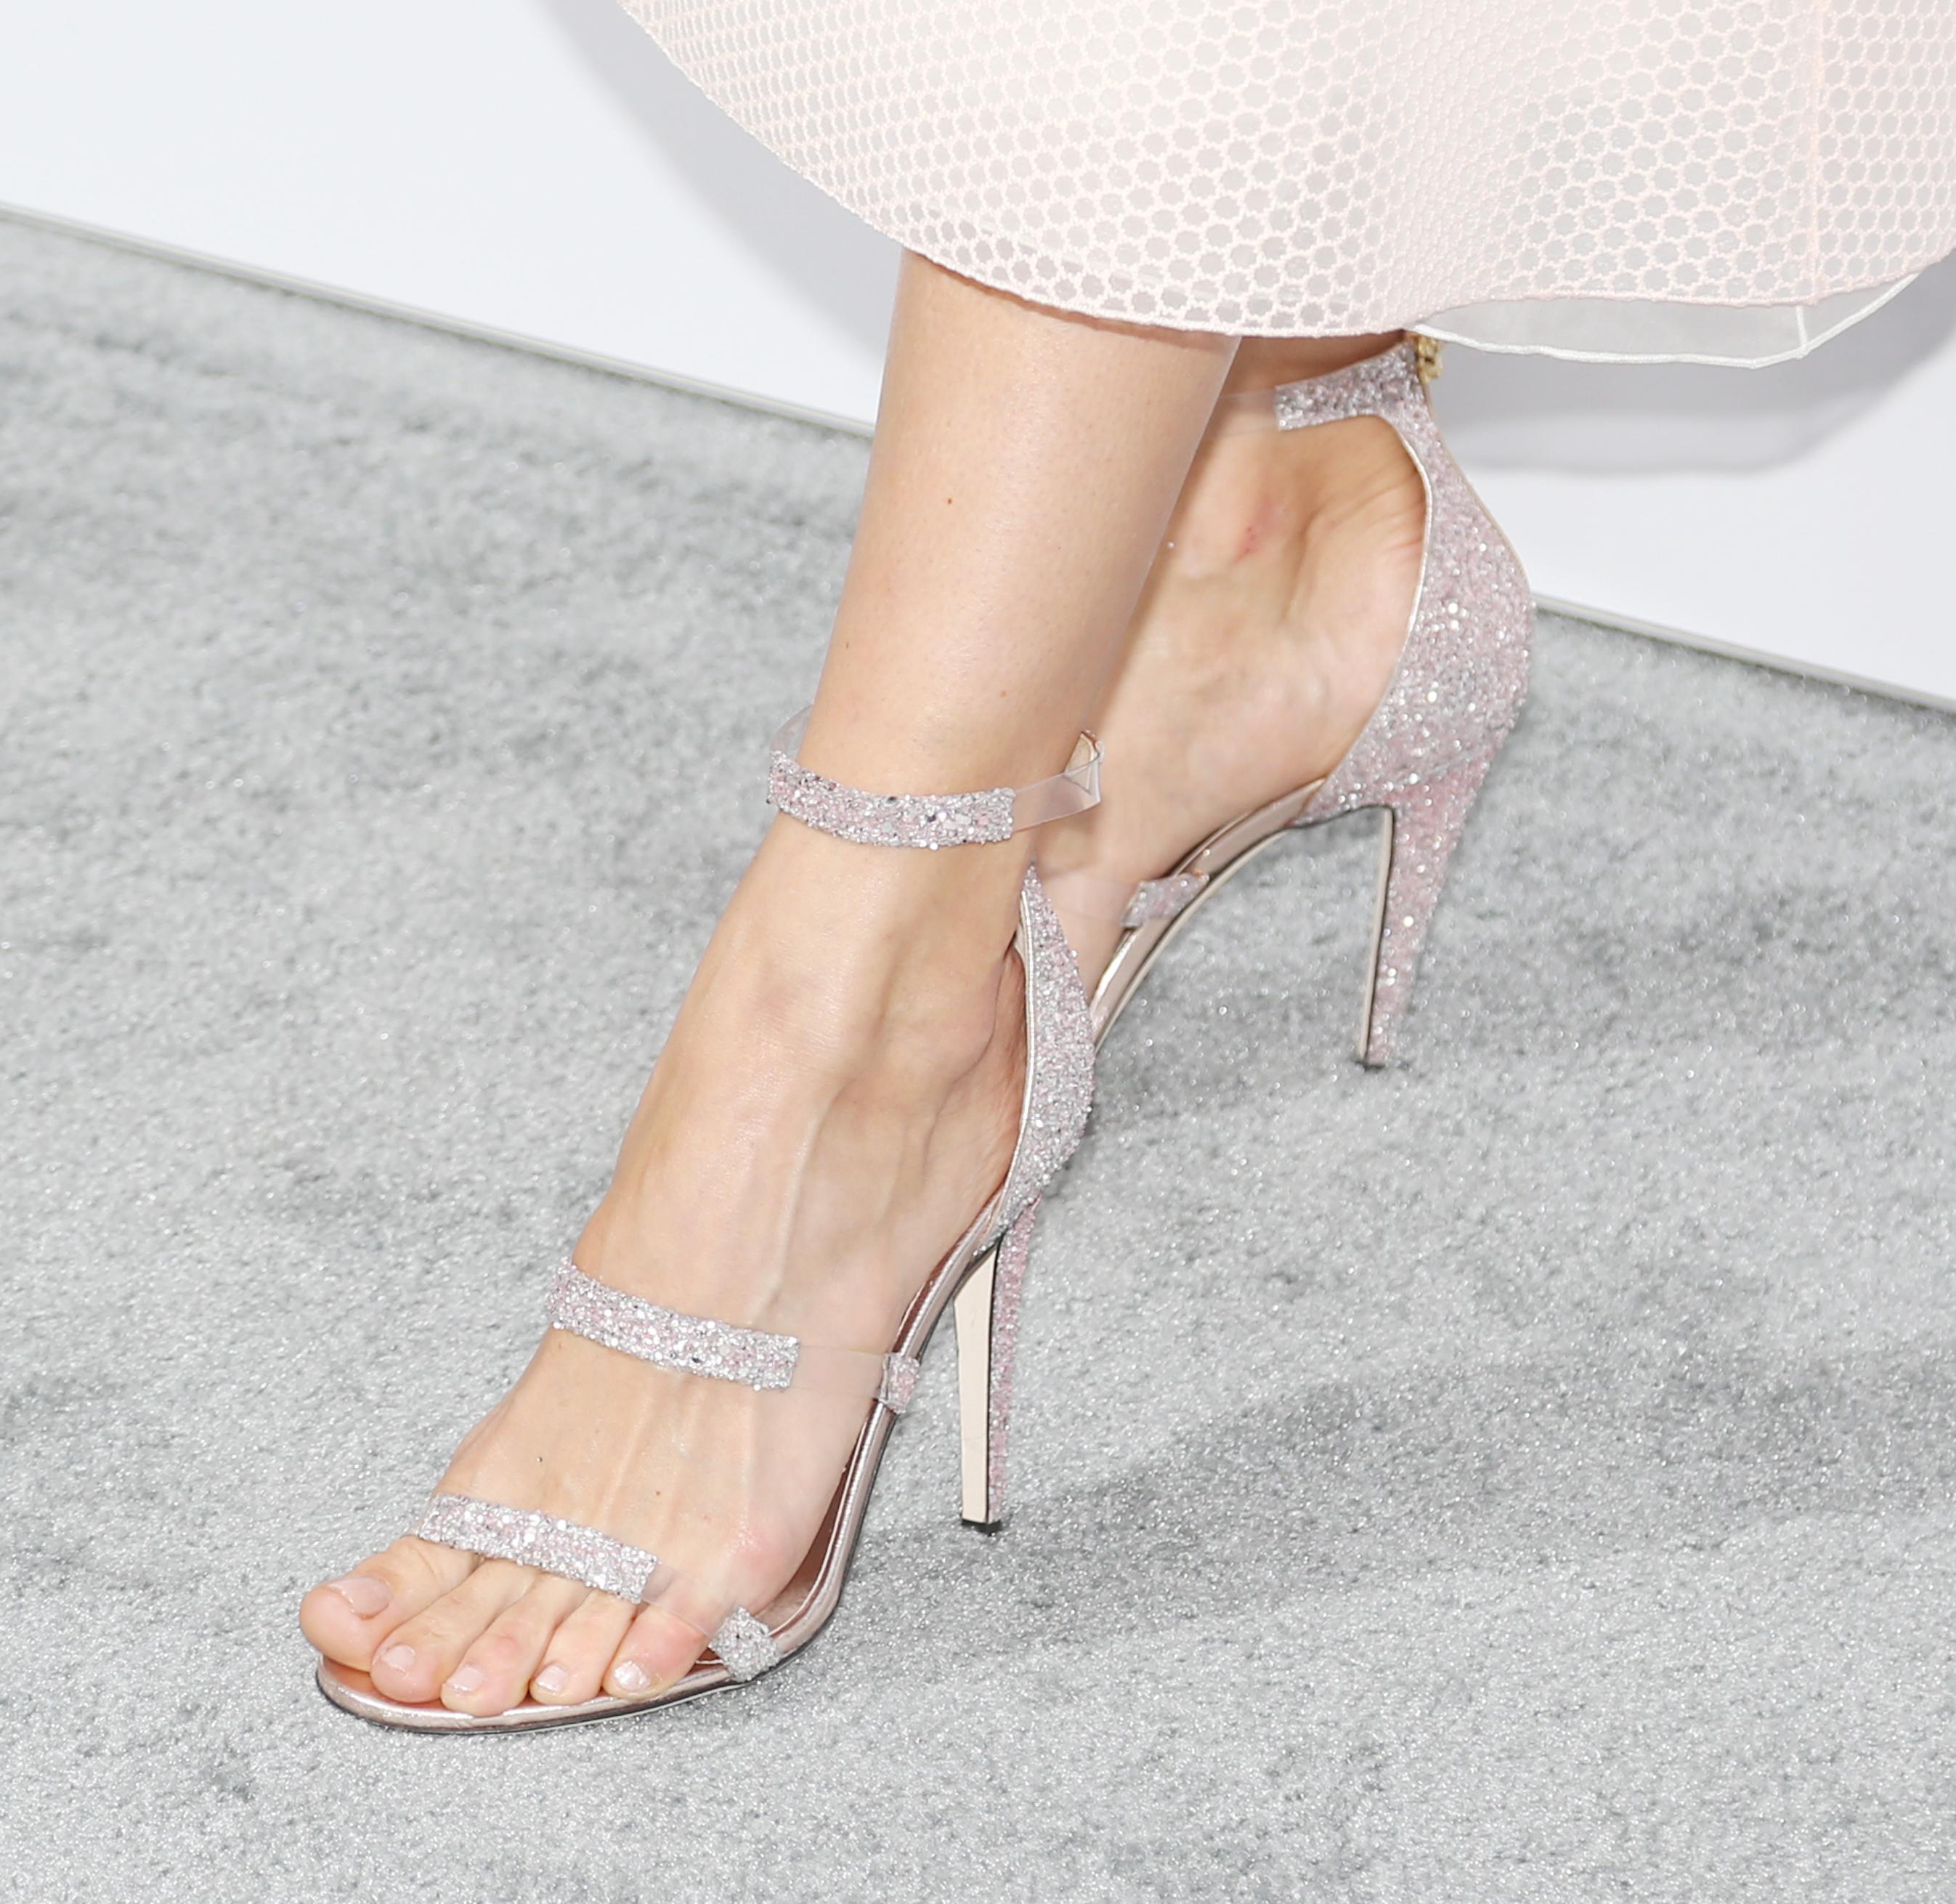 Debby Ryans Feet